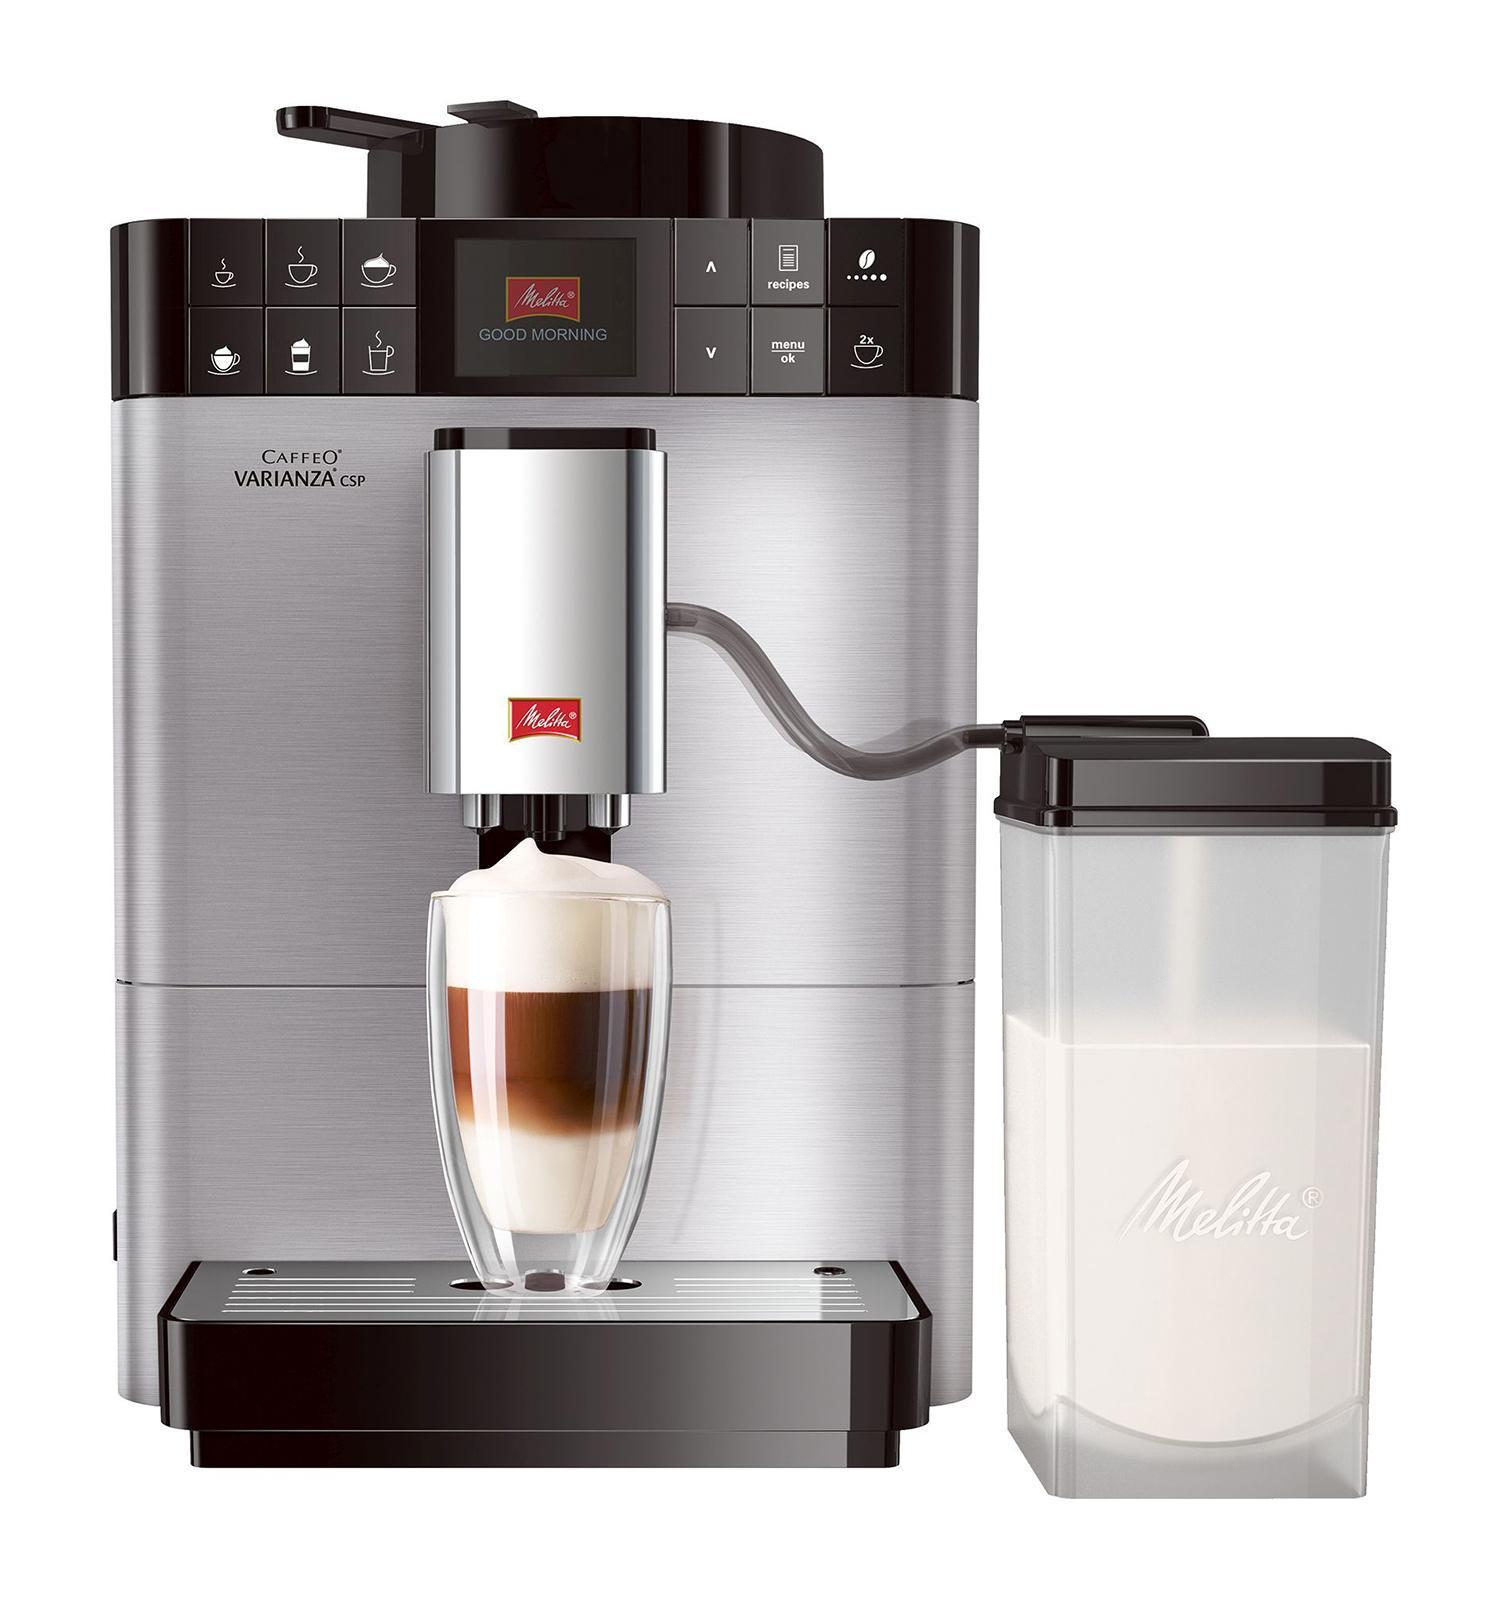 Melitta Caffeo F 570-101 Varianza CSP, Silver кофемашина6736040MISSION eco & care Мы разработали лэйбл, который помогает потребителям в выборе продукции, гарантирующей ощутимое наслаждение. В основе данного лэйбла лежит разработанная нами система ценностей My Bean Select My Bean Select от Melitta позволяет Вам свободно выбирать тип зерна из всего многообразия, доступного с каждой новой чашкой кофе. Наряду со стандартным контейнером для зерен, эта инновация даст Вам возможность попробовать различные типы зерен для каждой новой чашки. Это действительно просто с практичной мерной ложечкой, входящей в комплект Система Best Aroma System PLUS ечать Aromasafe на контейнере для зерен означает, что вкус и аромат кофейных зерен надежно сохранены. Функция Bean to Cup обеспечивает помол и варку только того количества зерен, которое Вам необходимо. Кофемолка работает до полного опустошения, тем самым предотвращая смешивание различных сортов зерен. Уникальные процессы предварительного...